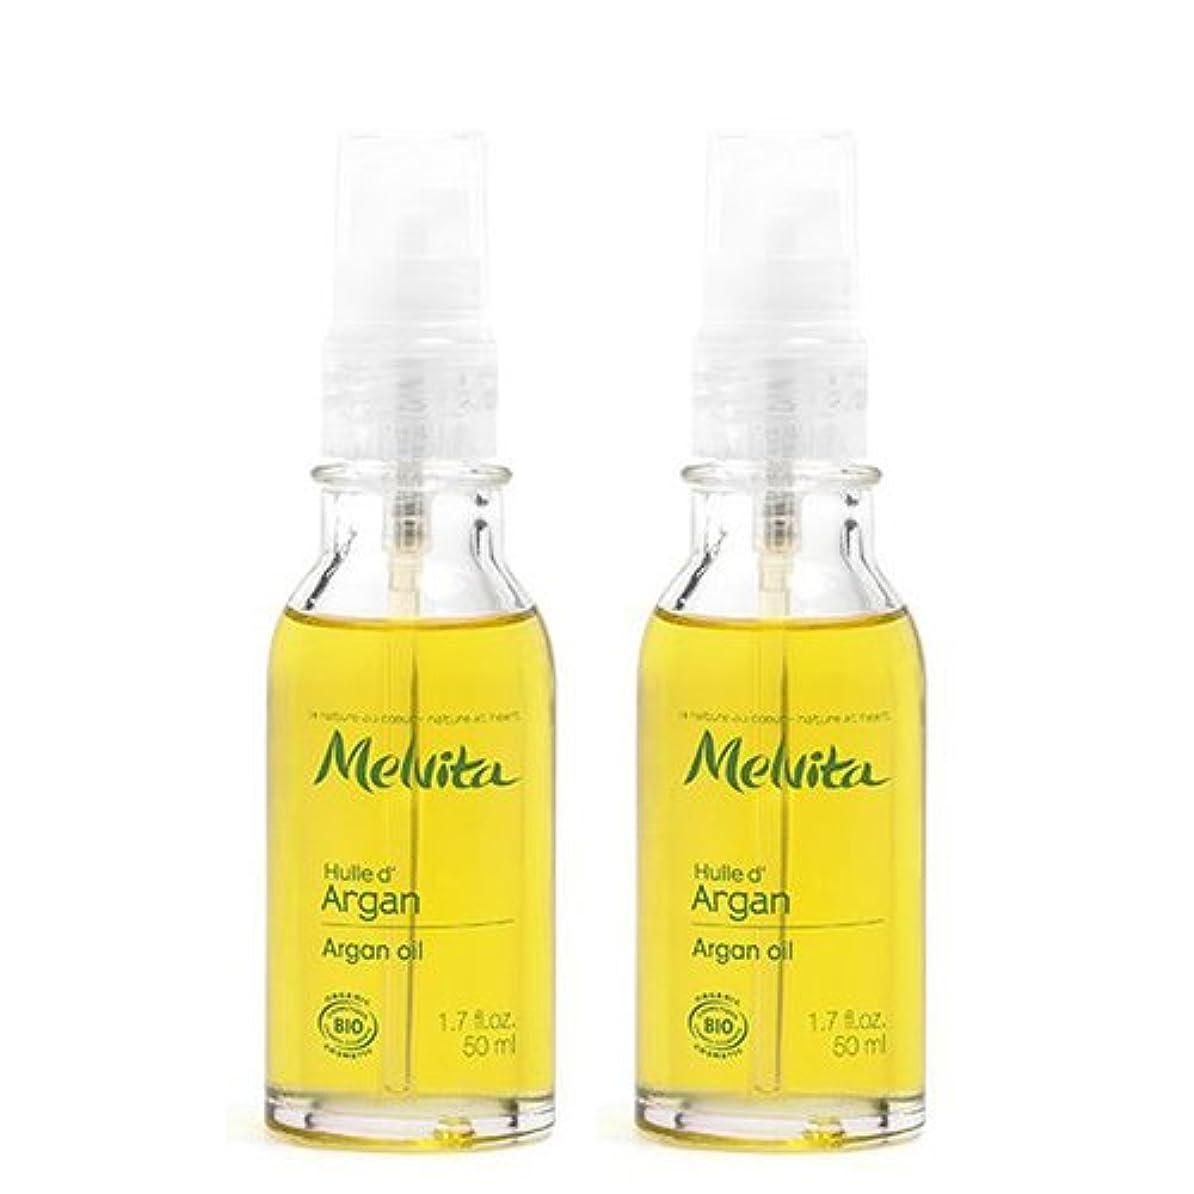 良さチャーミング靄メルヴィータ(Melvita) 2個セット ビオオイル アルガン オイル 50ml [並行輸入品]